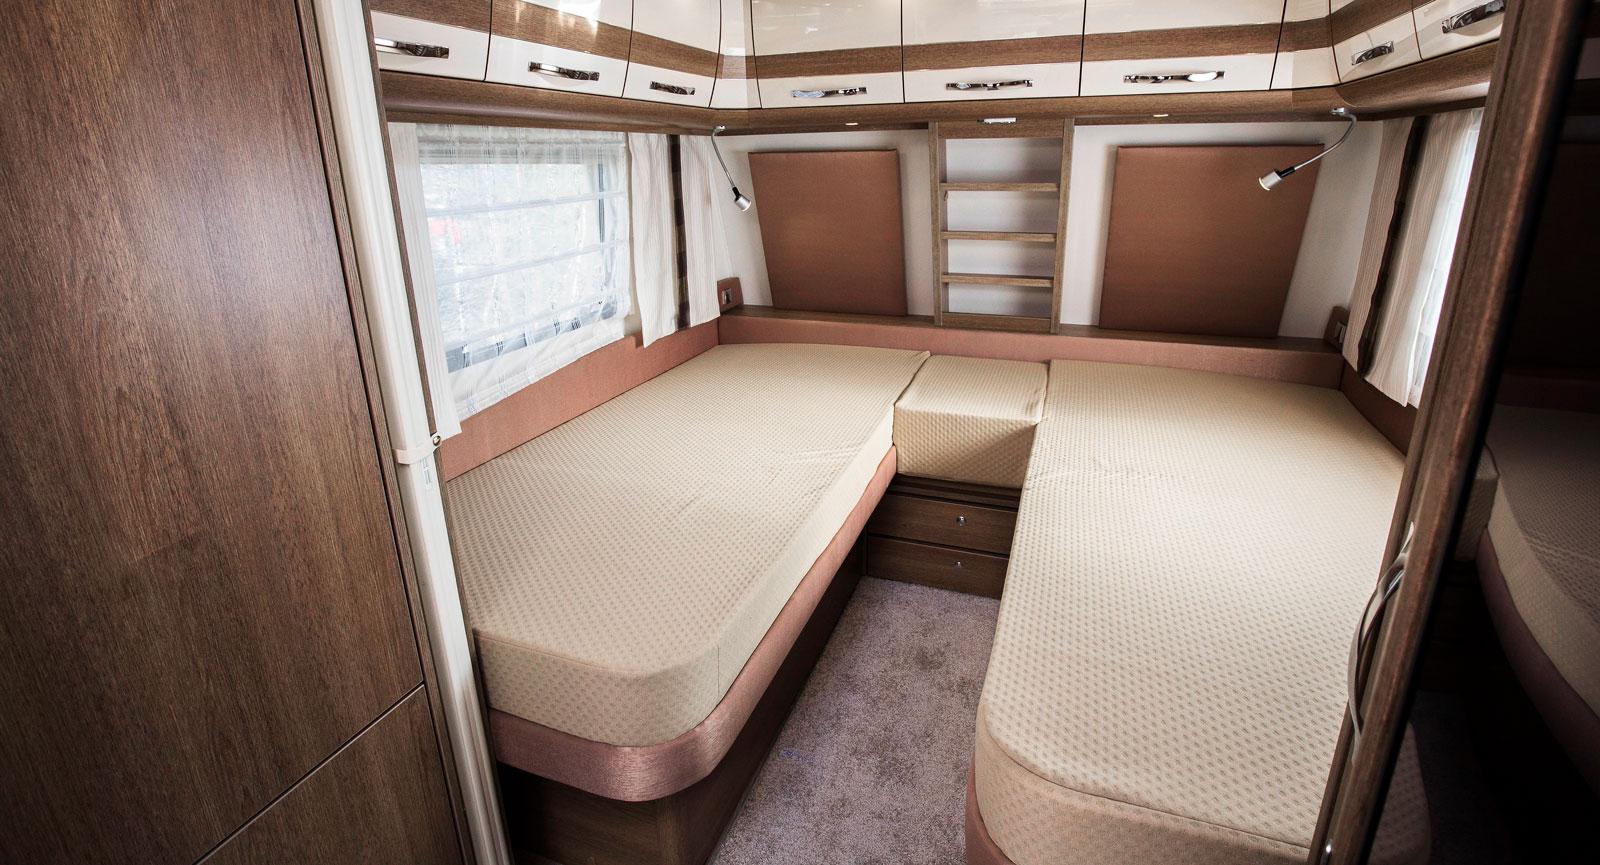 Sovrummet har breda sängar med sköna madrasser.